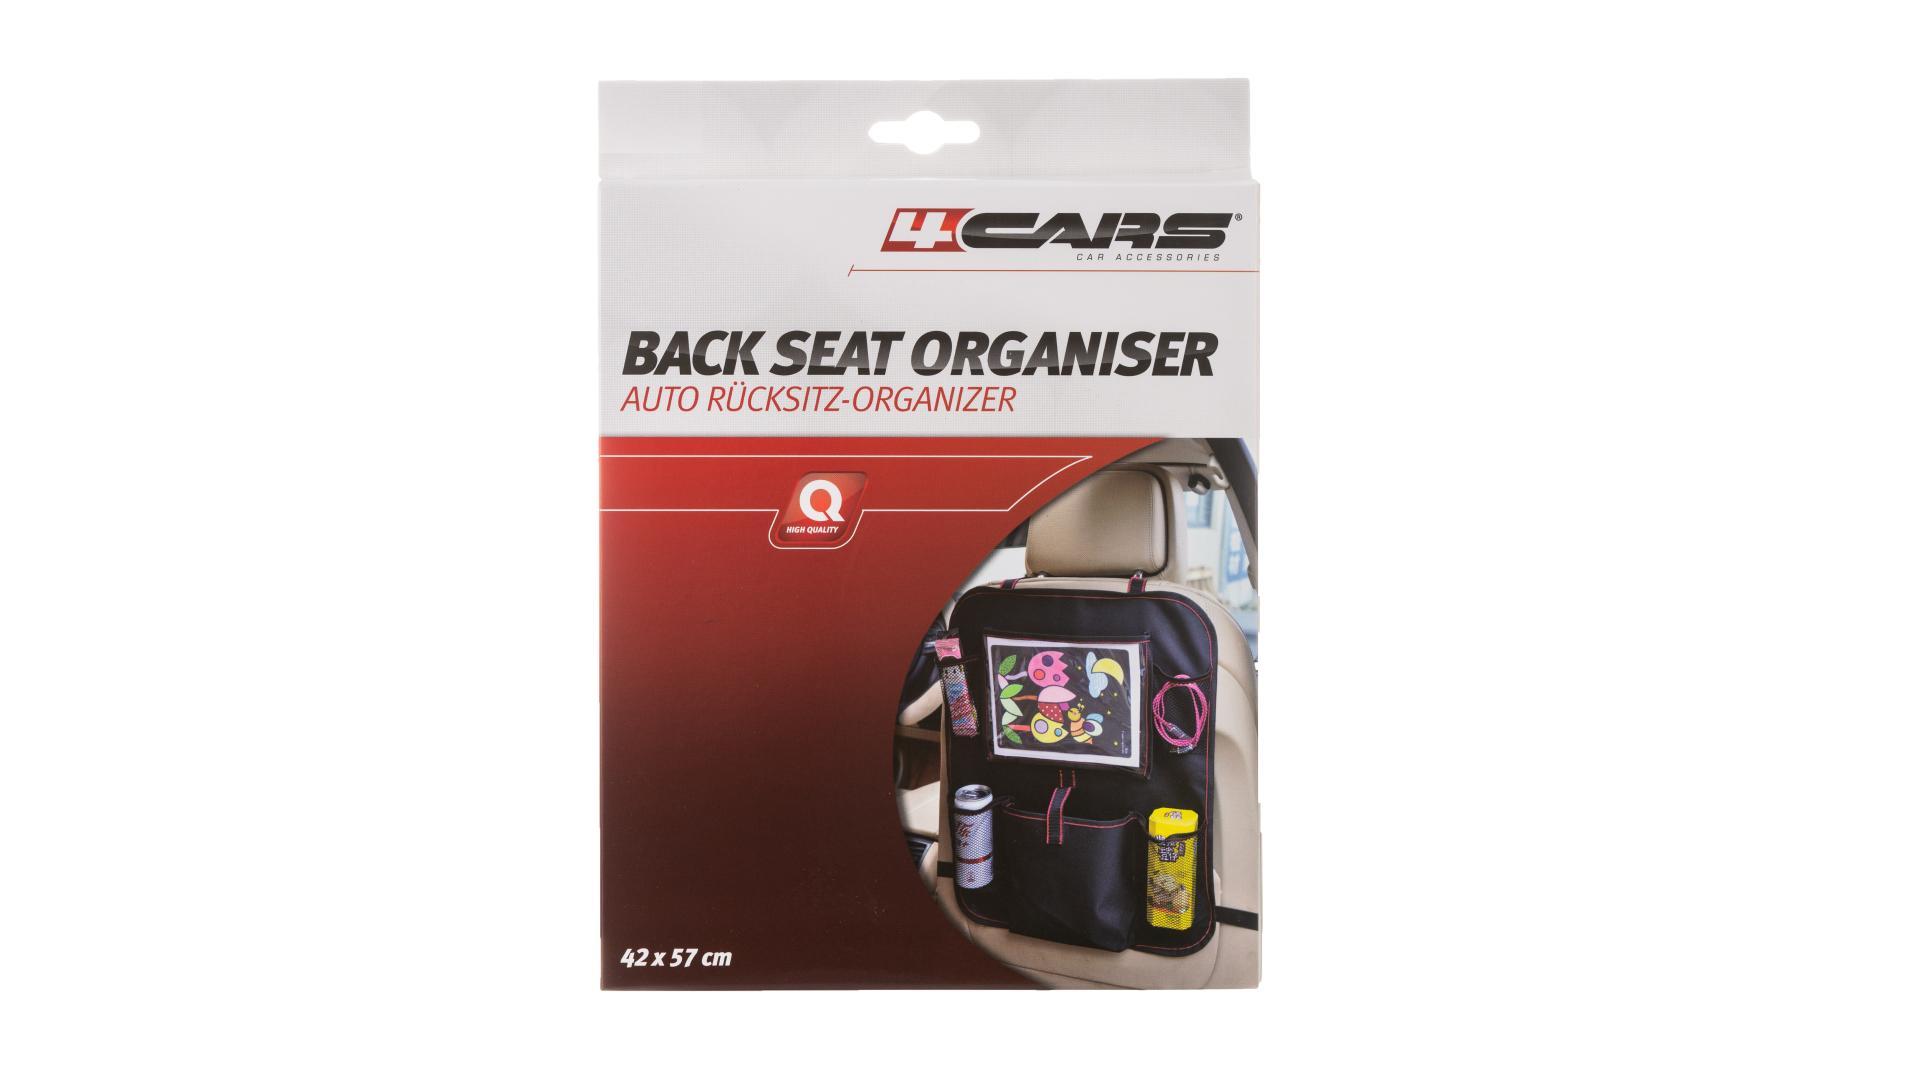 4CARS Závesný organizér zadného sedadla 42x57cm